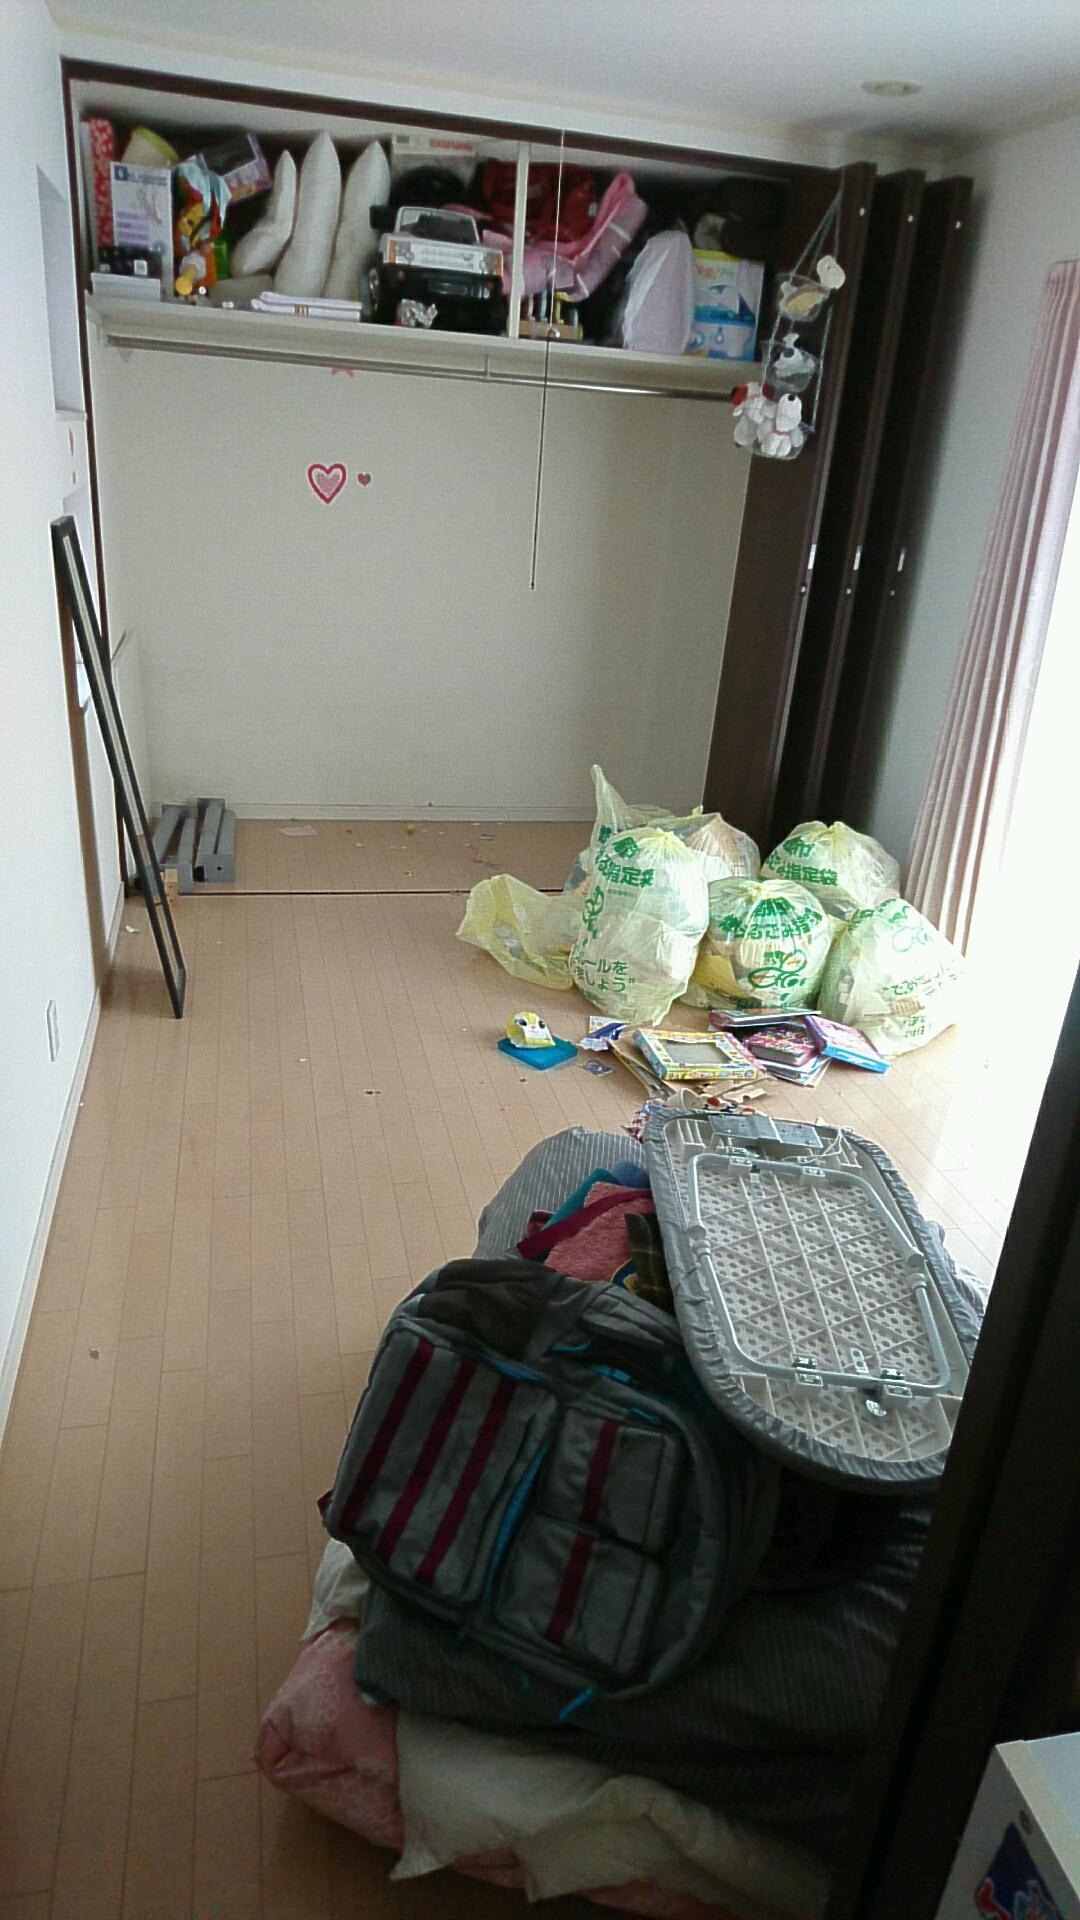 【愛知県日進市】古着や生活用品、玩具など引越しゴミの処分